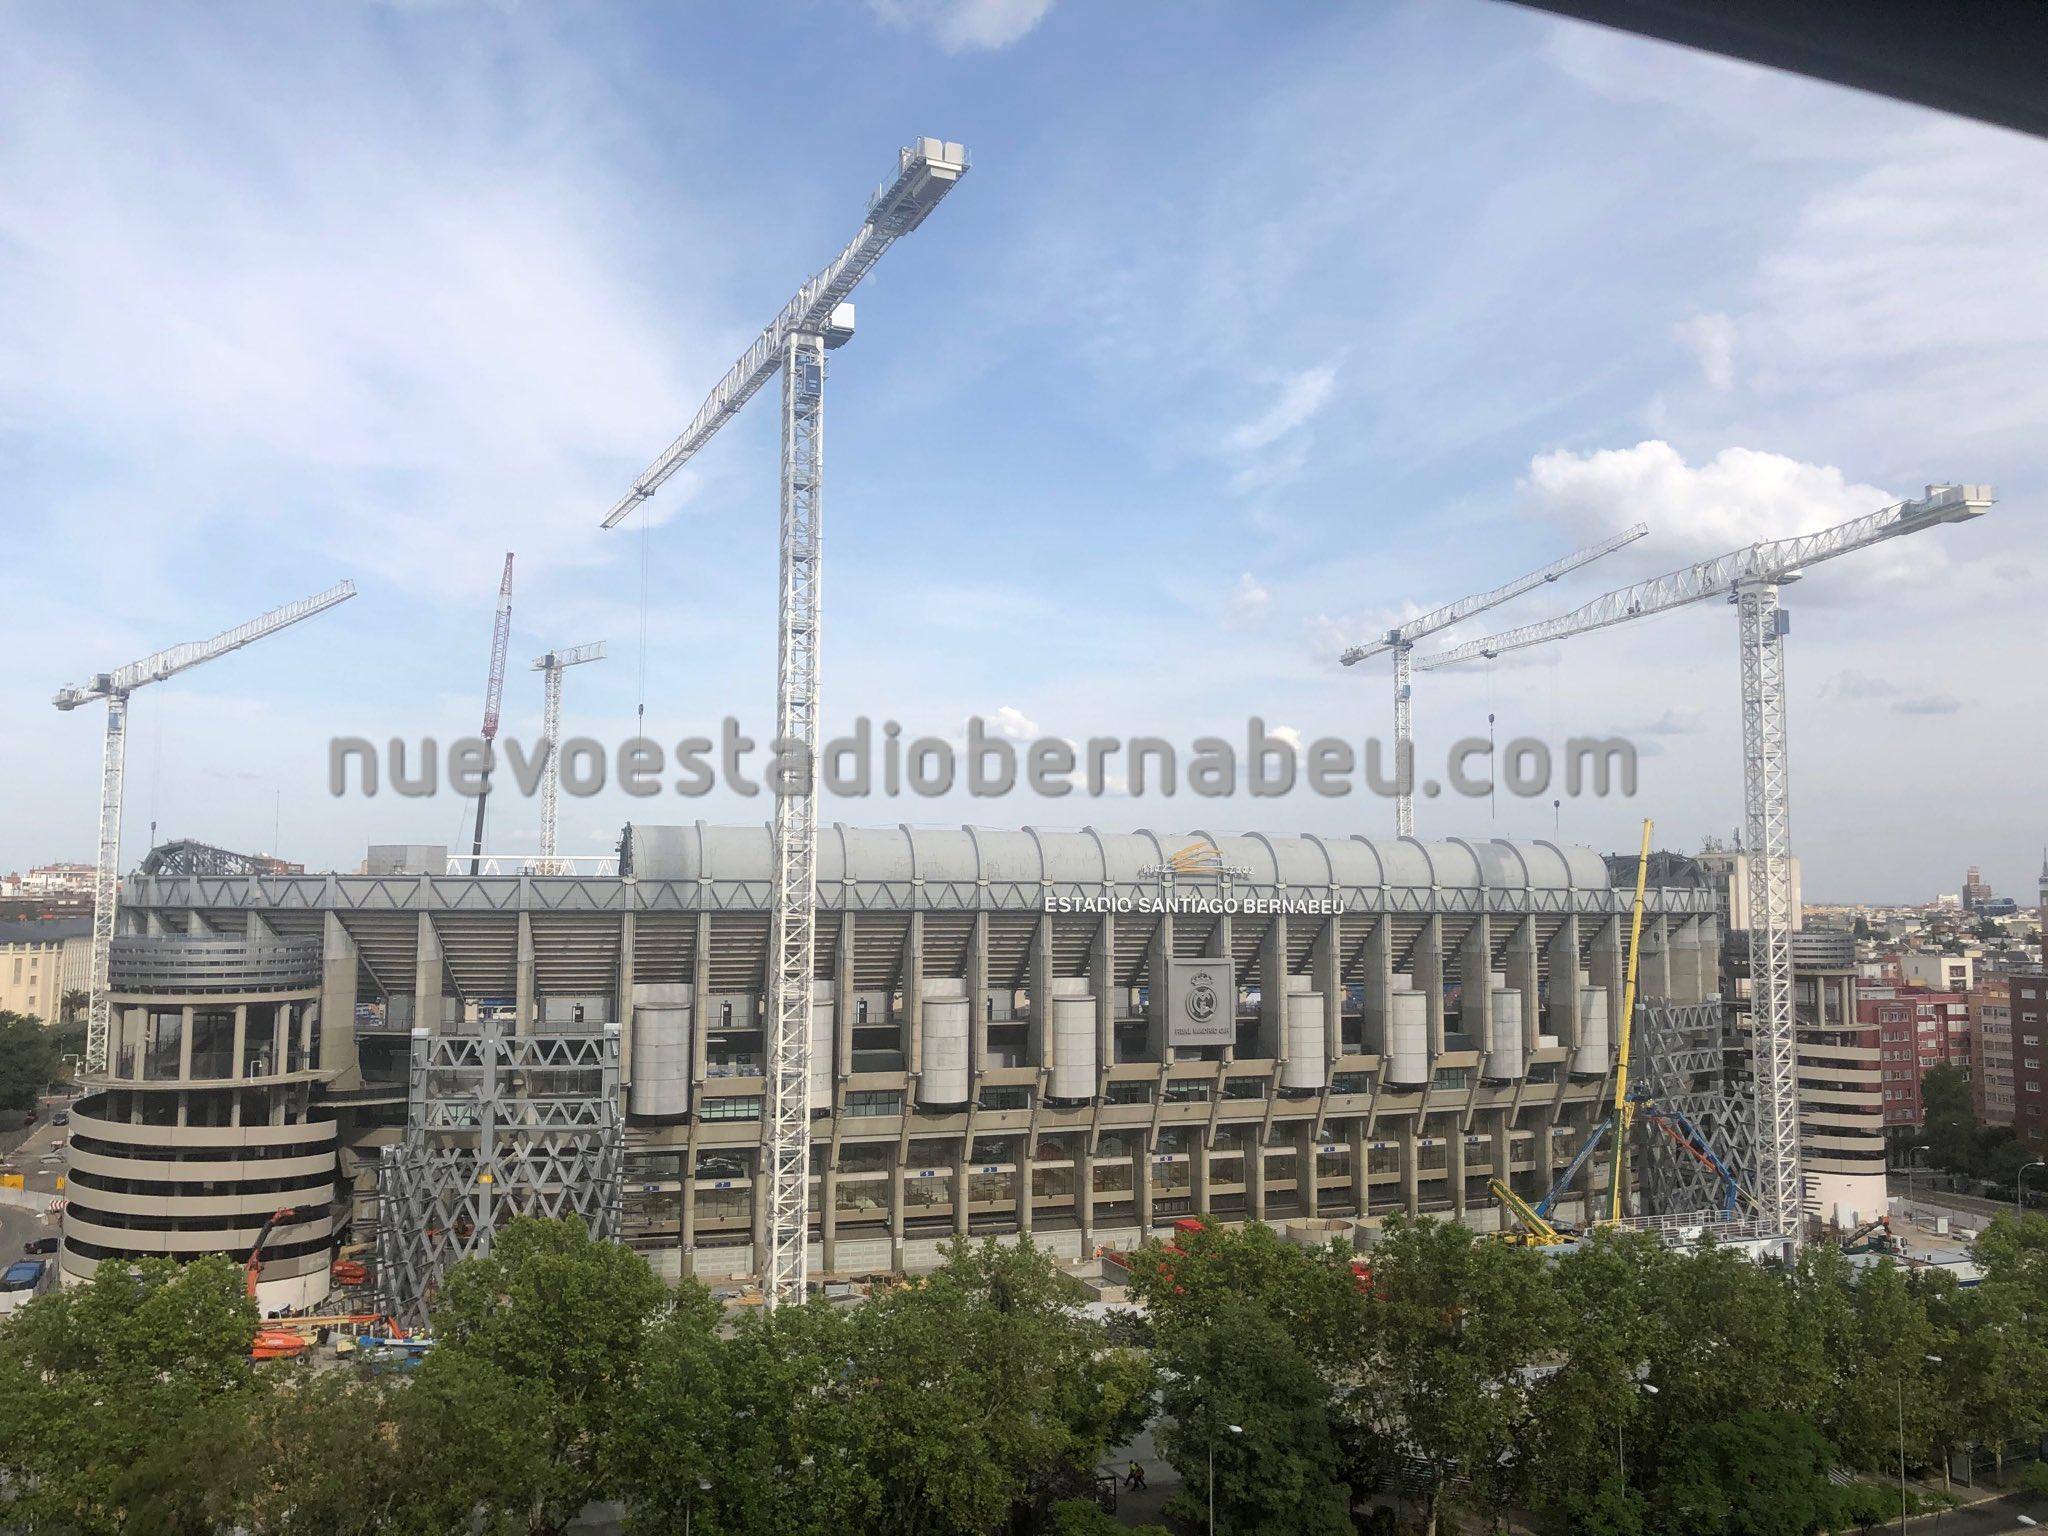 Imagen exterior del Santiago Bernabéu (Foto: @nuevobernabeu).